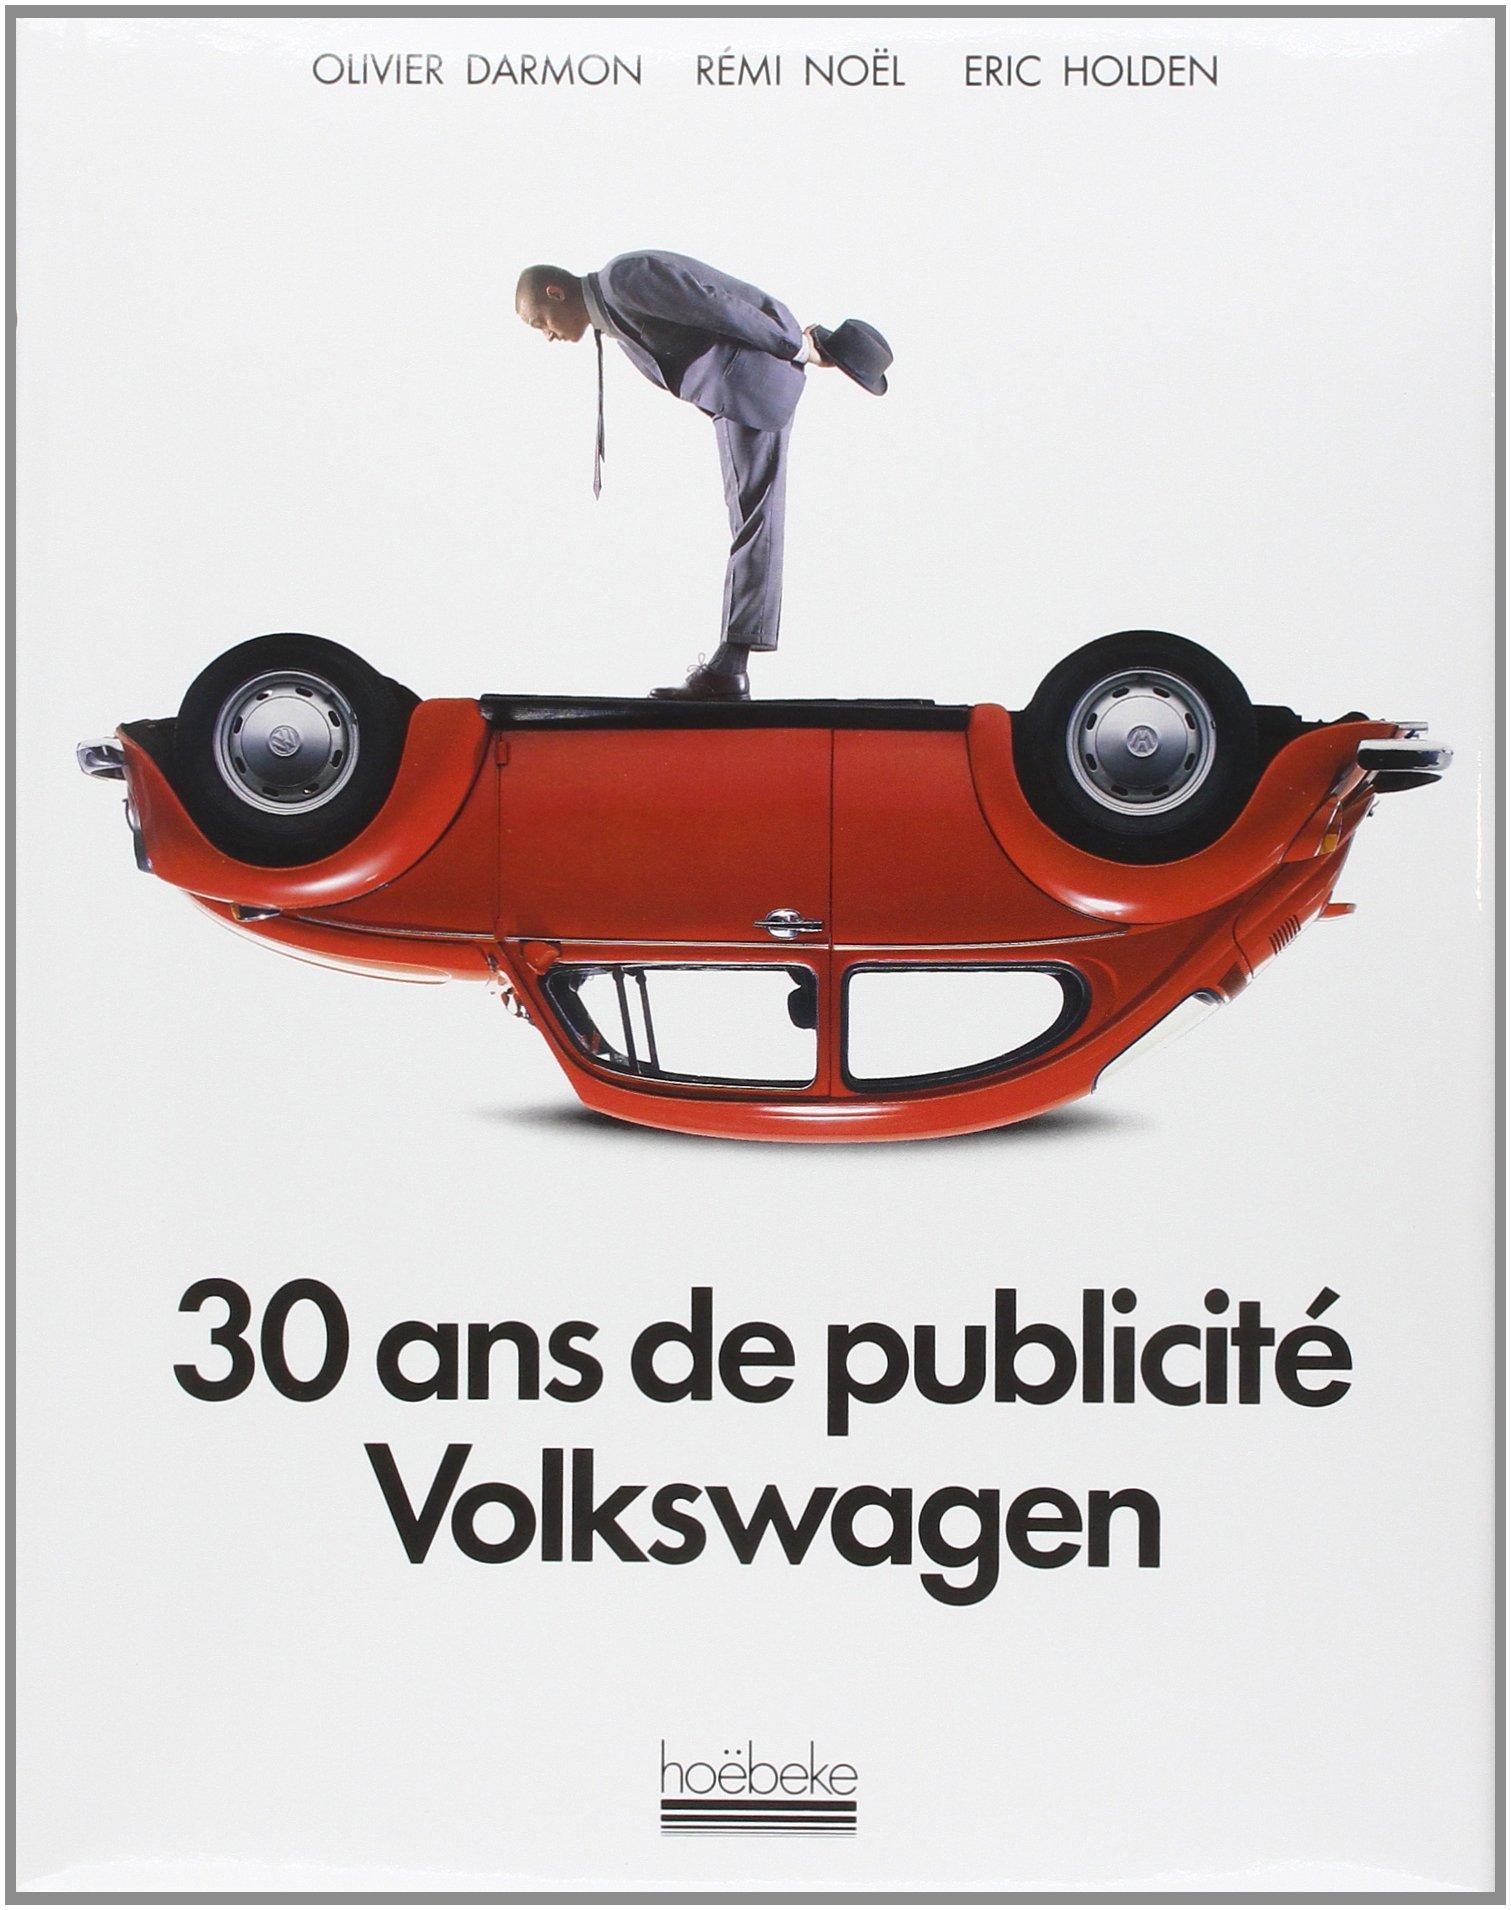 livre-30-ans-de-publicite-volkswagen-olivier-darmon-eric-holden-remi-noel-1